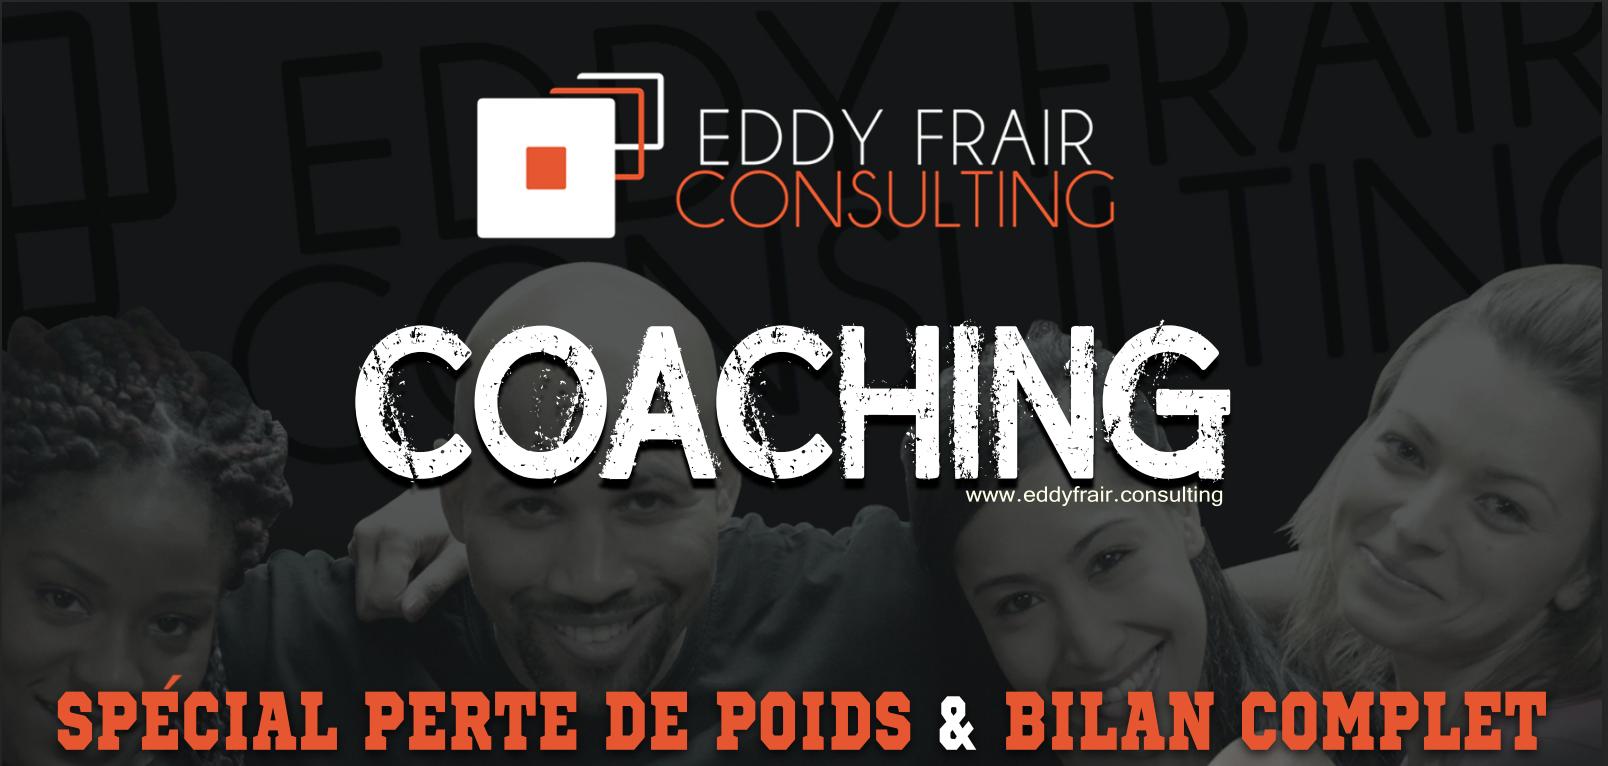 EDDY FRAIR CONSULTING